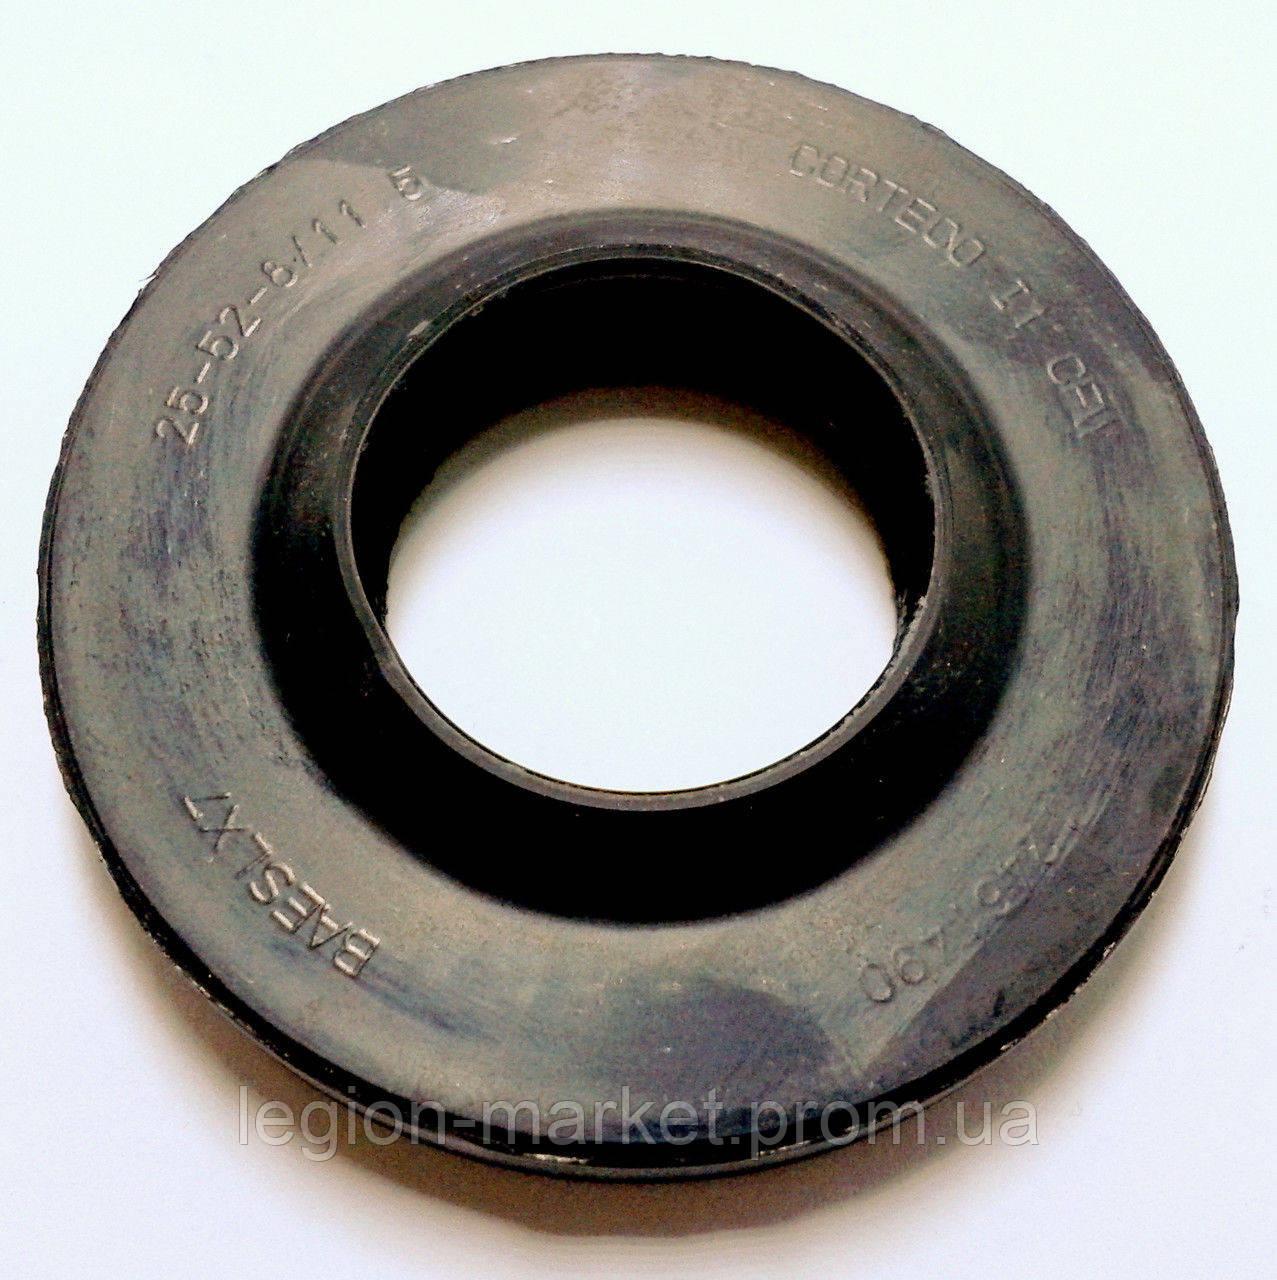 Сальник 25*52*8/11.5 1246149007 для стиральной машины Zanussi